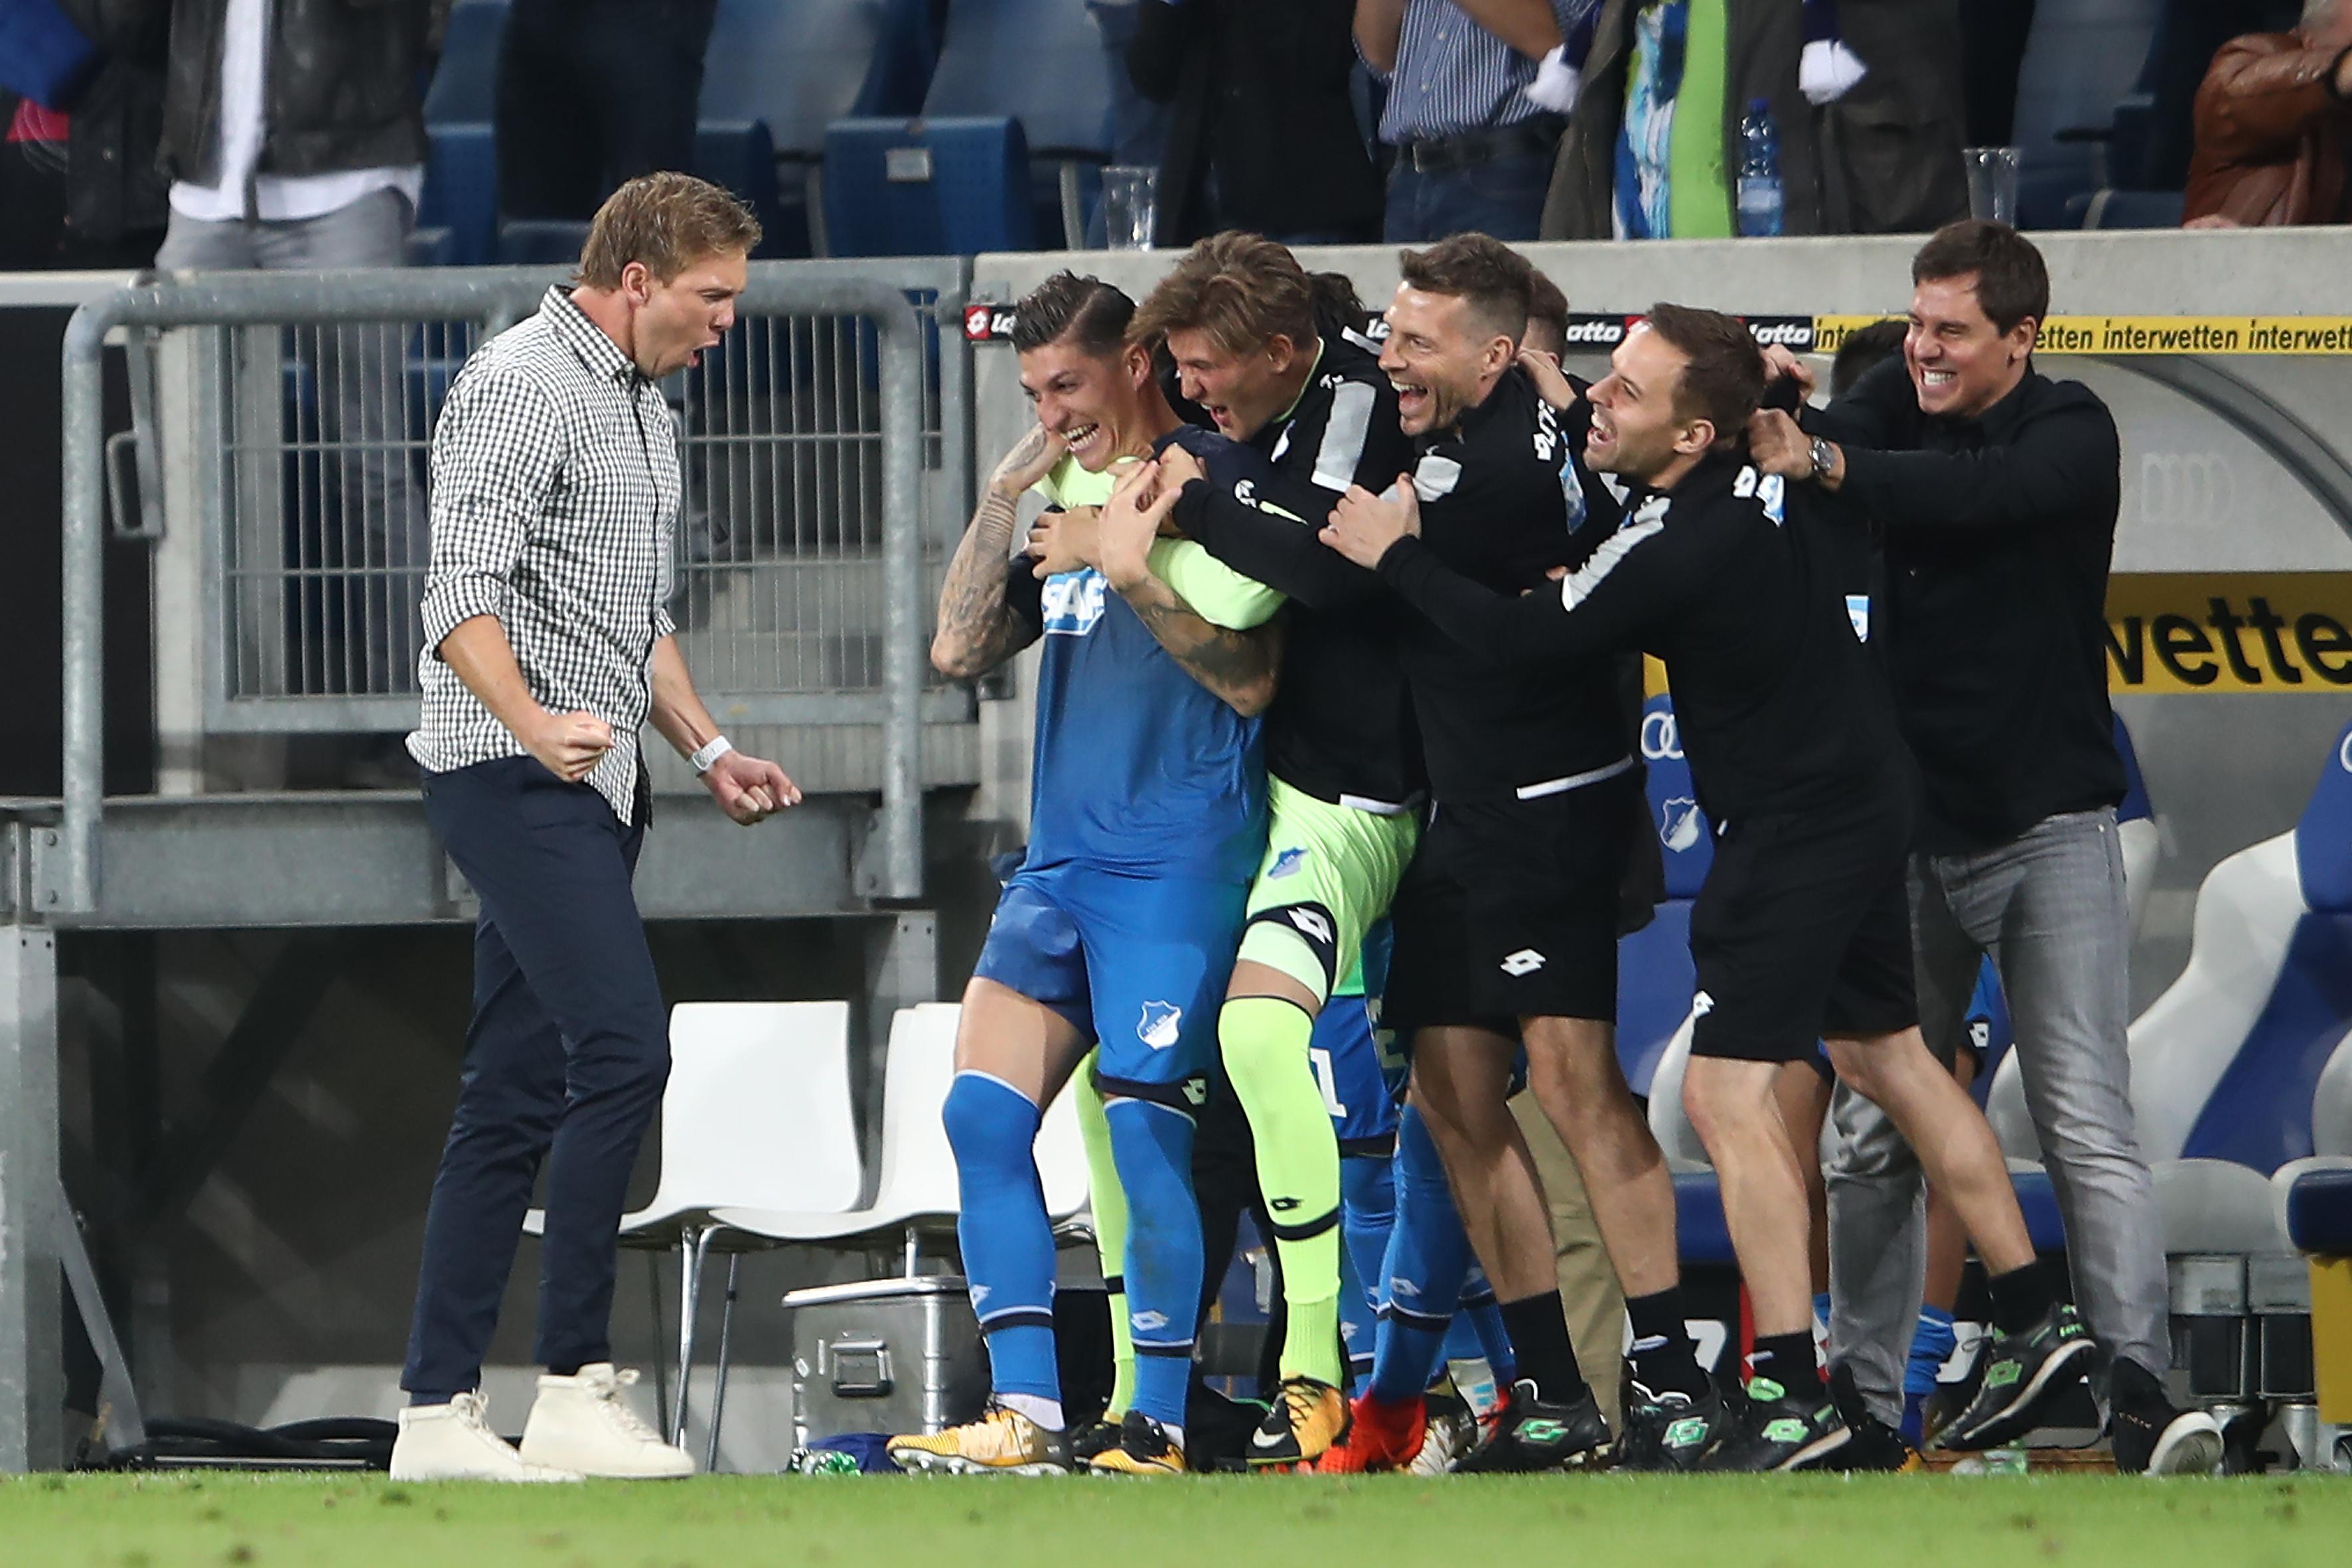 Julian Nagelsmann & Hoffenheim